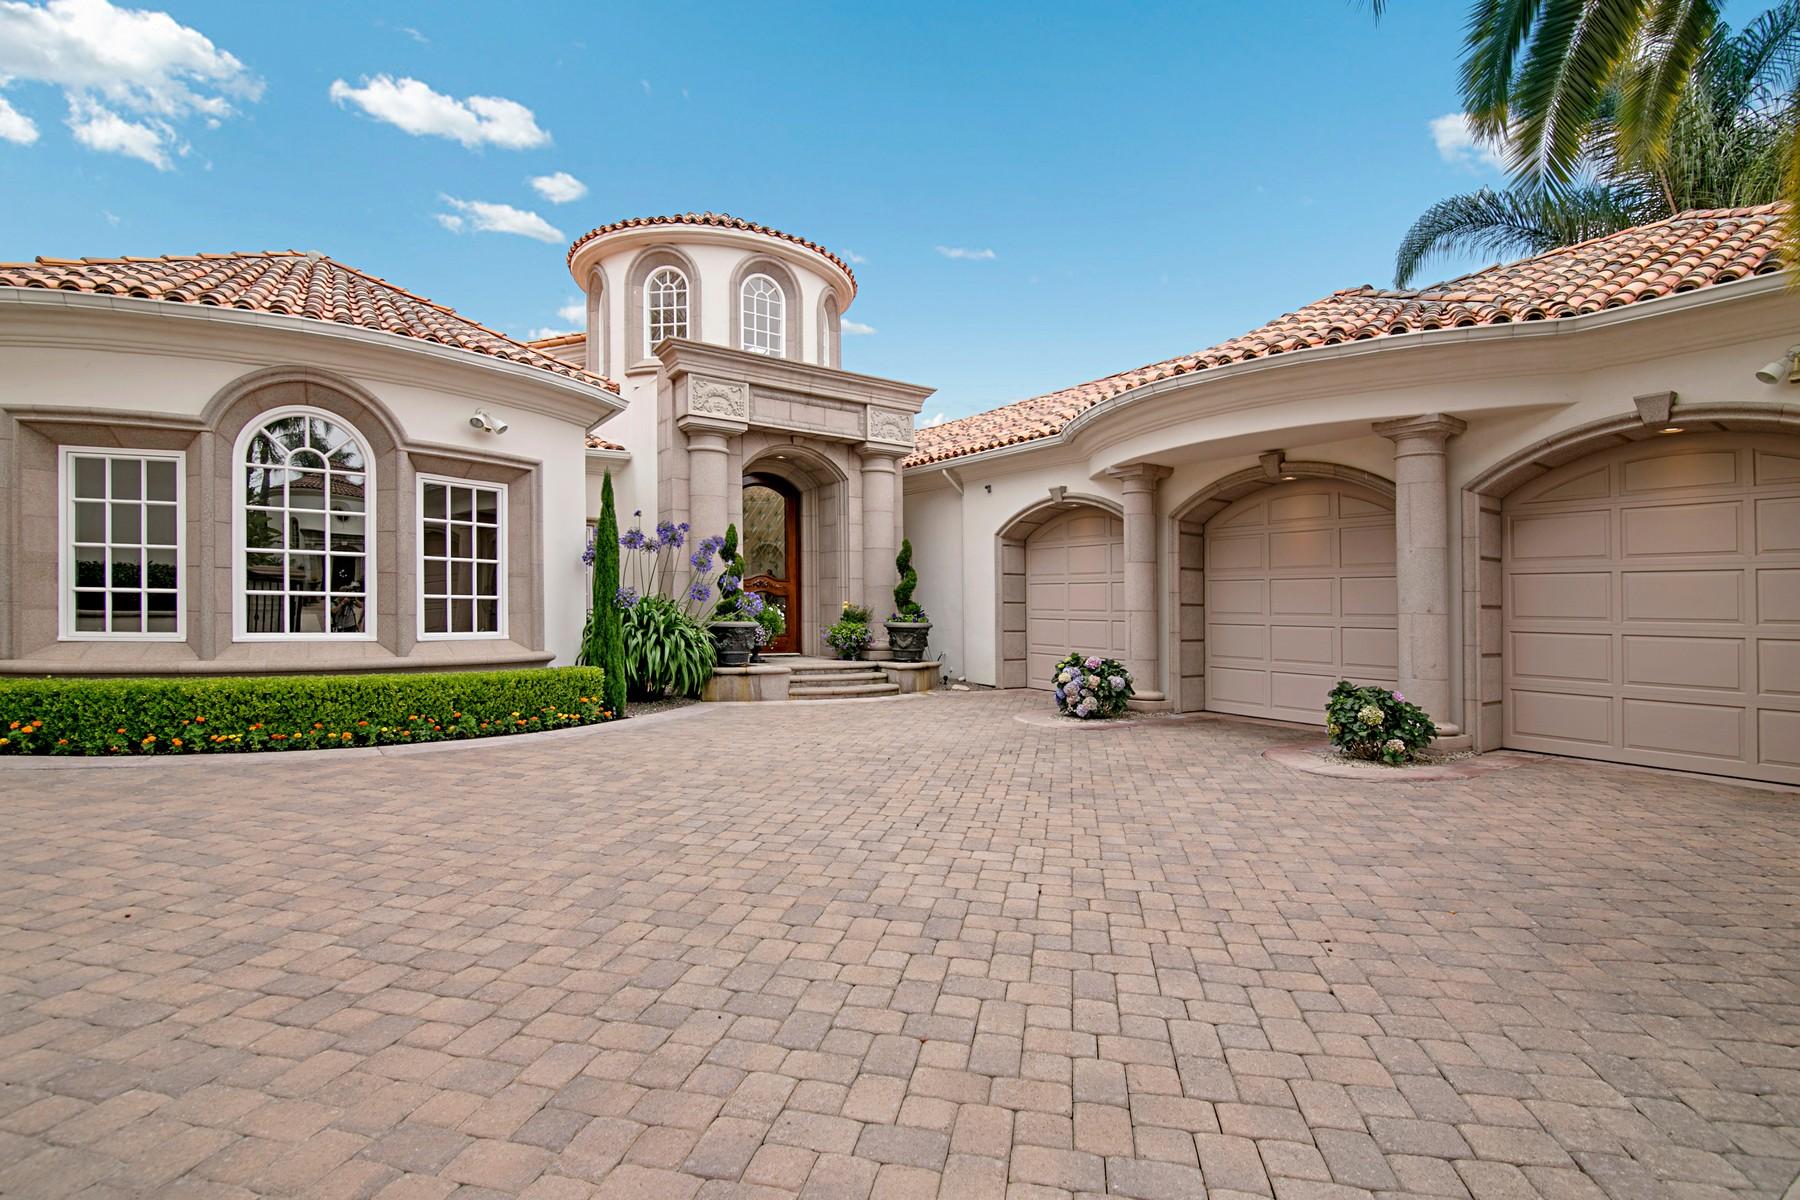 단독 가정 주택 용 매매 에 7160 Aviara Drive Carlsbad, 캘리포니아 92011 미국